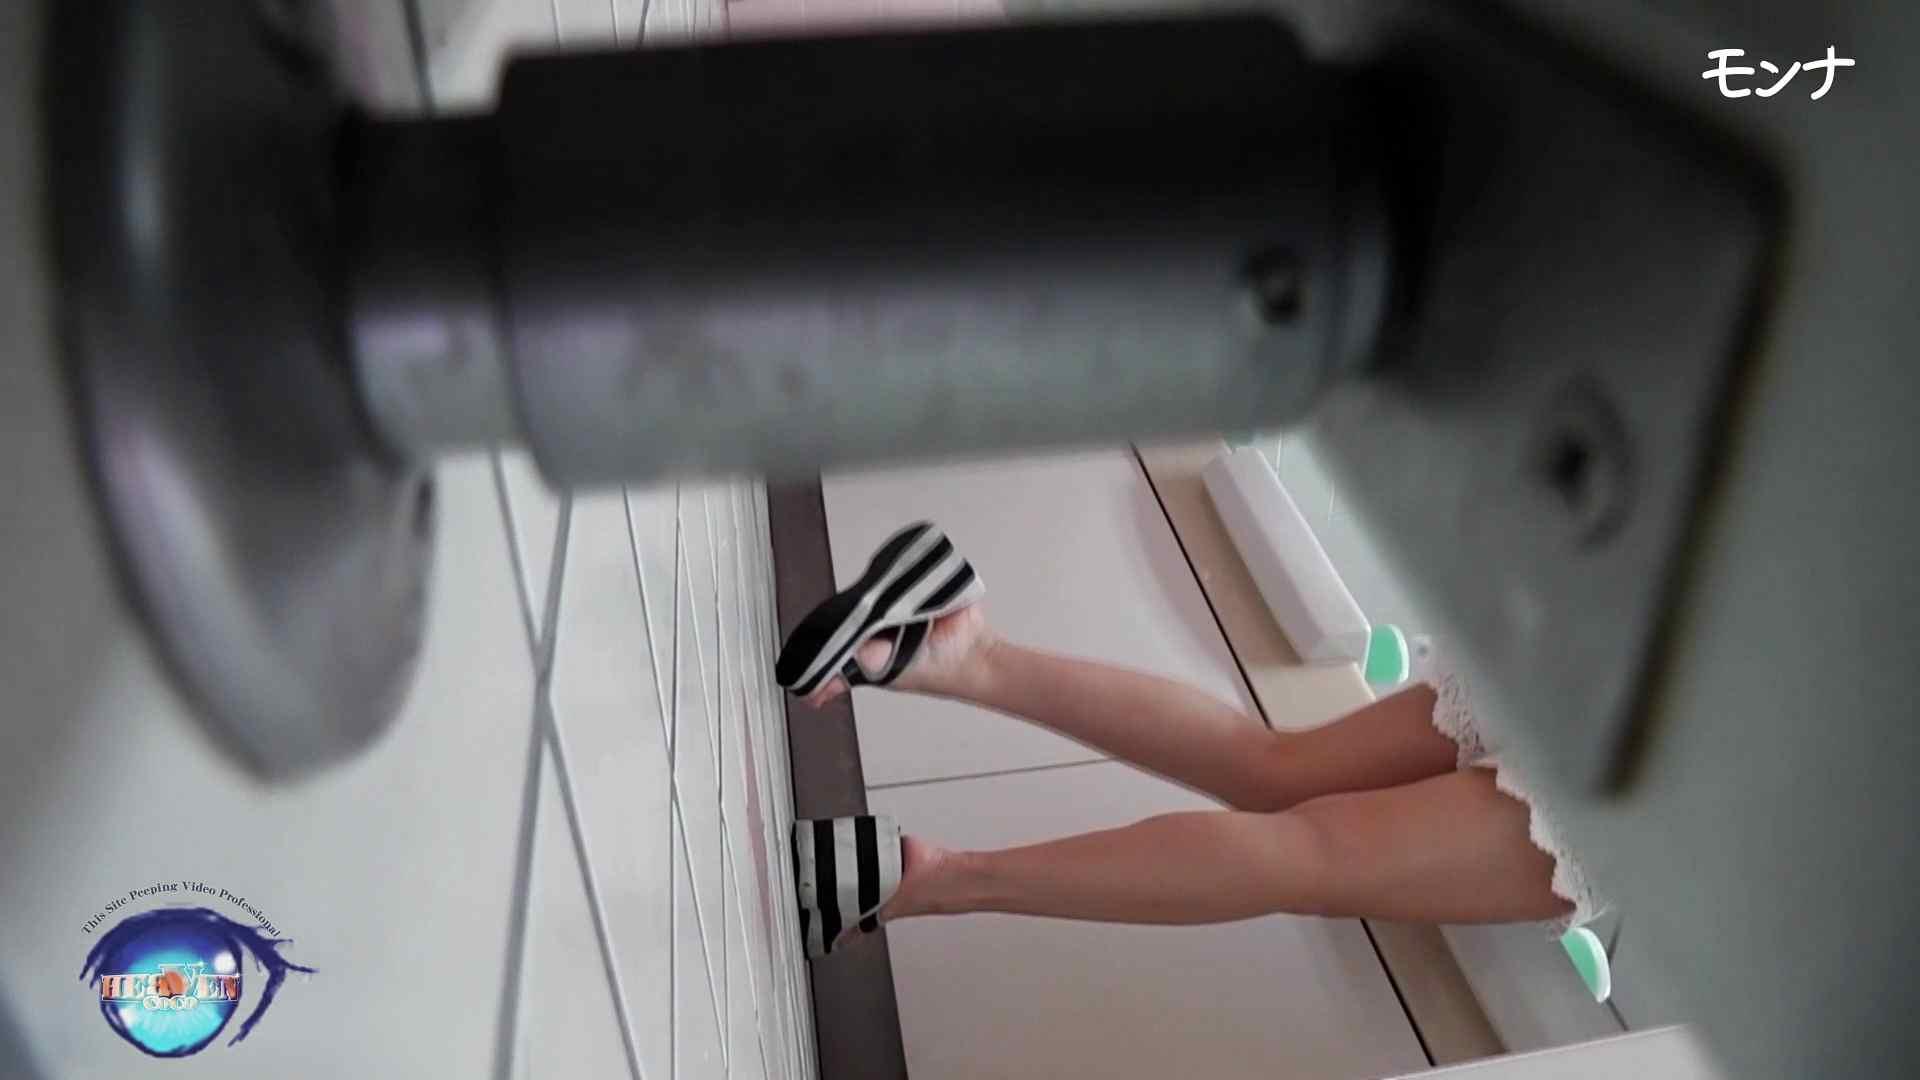 【美しい日本の未来】美しい日本の未来 No.75 たまらないくびれ 2 生え茂る モロだしオマンコ 盗撮動画紹介 70pic 13